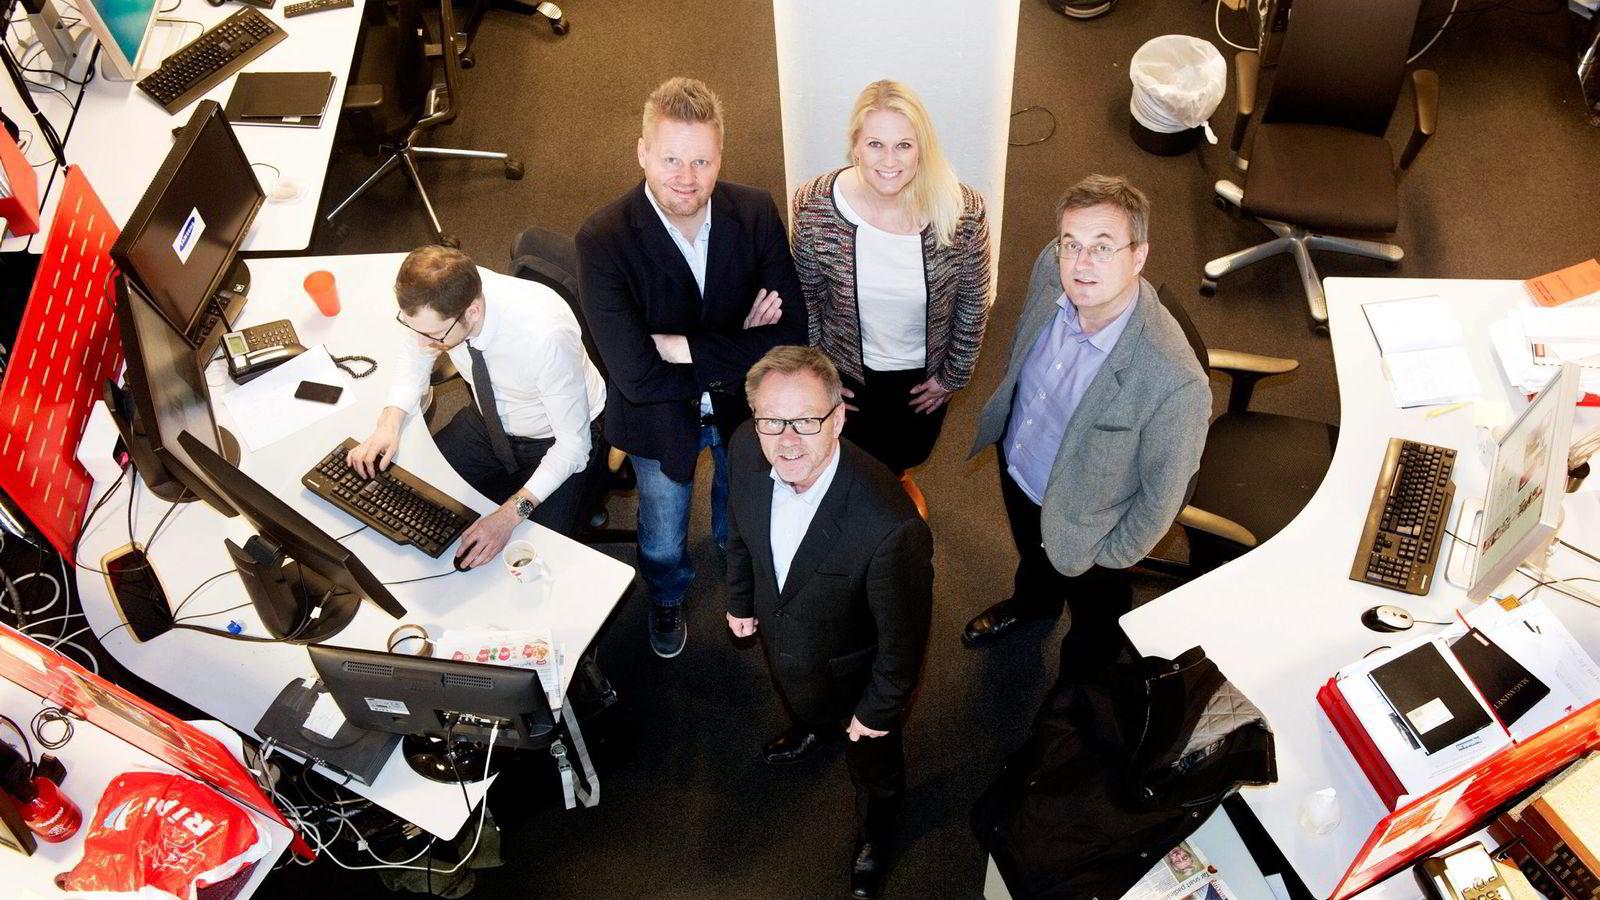 OMVENDT SATSING. Dagbladet kutter søndagsavisen. Sjefredaktør John Arne Markussen (foran), kommersiell direktør Per Brikt Olsen (fra høyre), kommersiell produktansvarlig for magasinet Marit Øimoen, leder for helgeprosjektet Asbjørn Halvorsen og Bjørn Bore sitter og jobber.